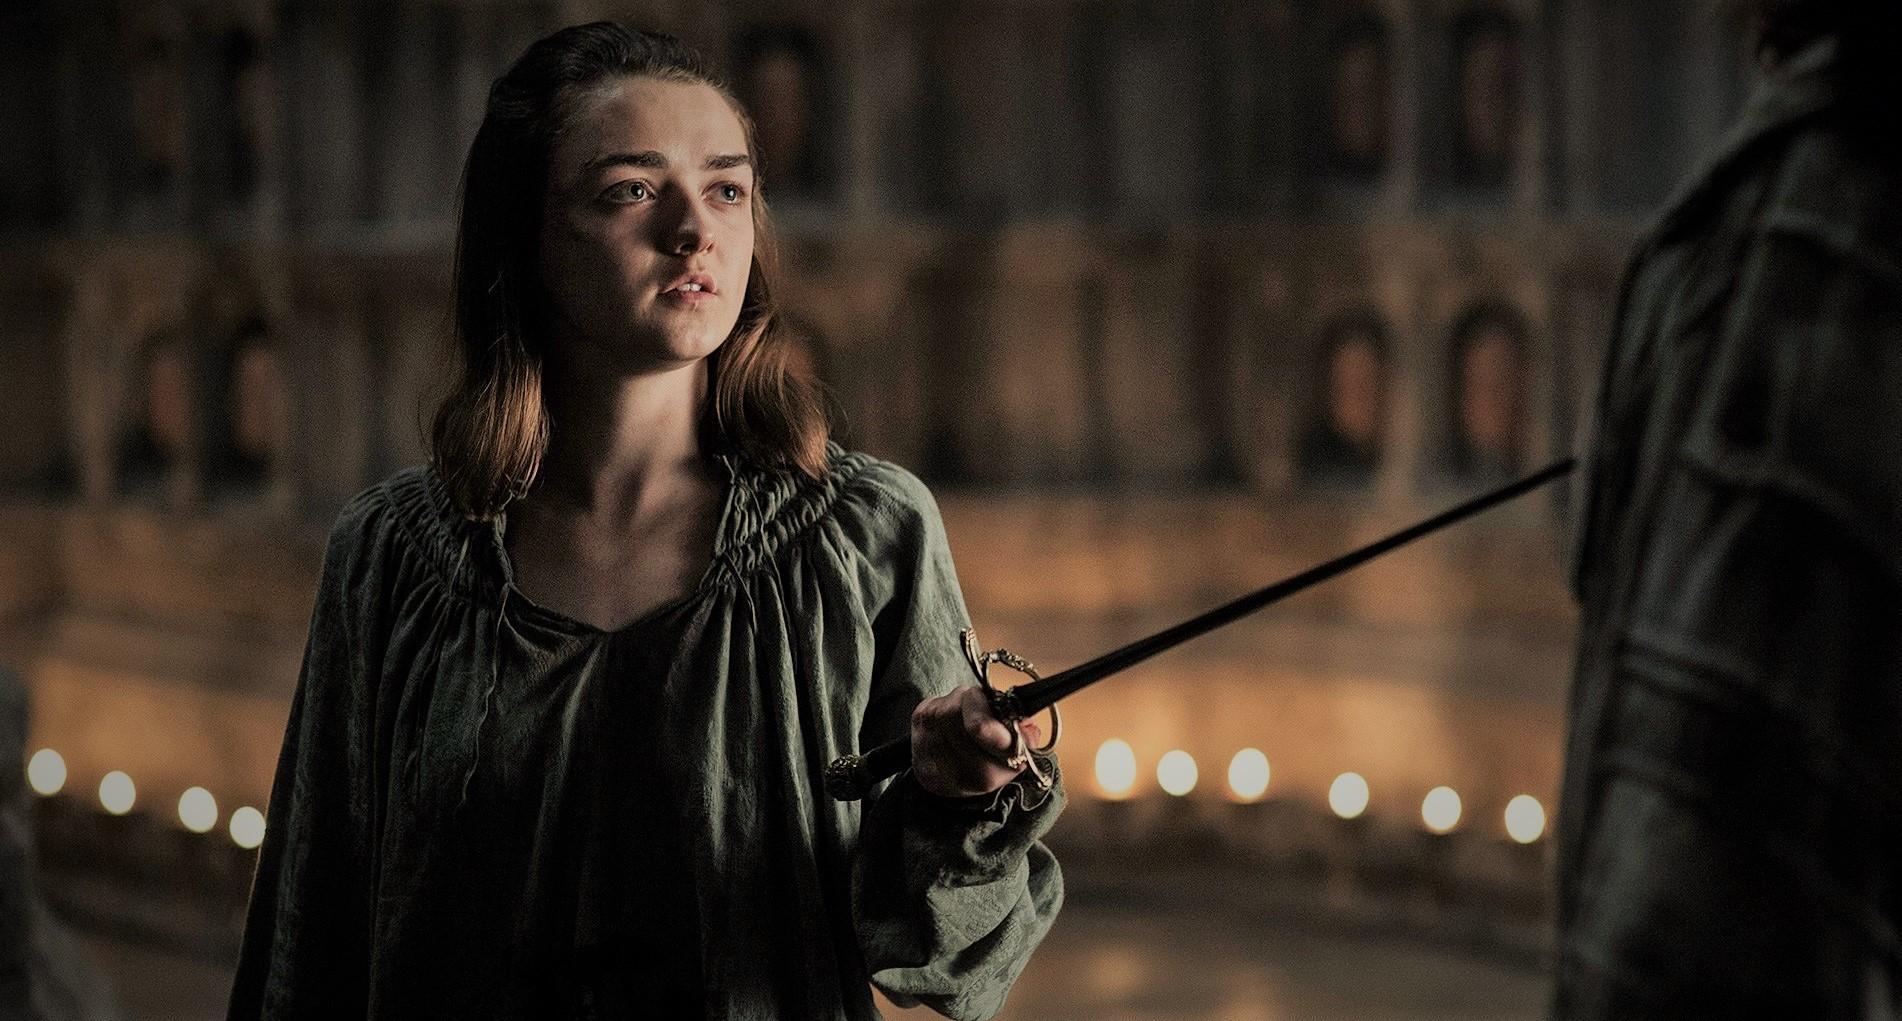 Arya, No One, 608